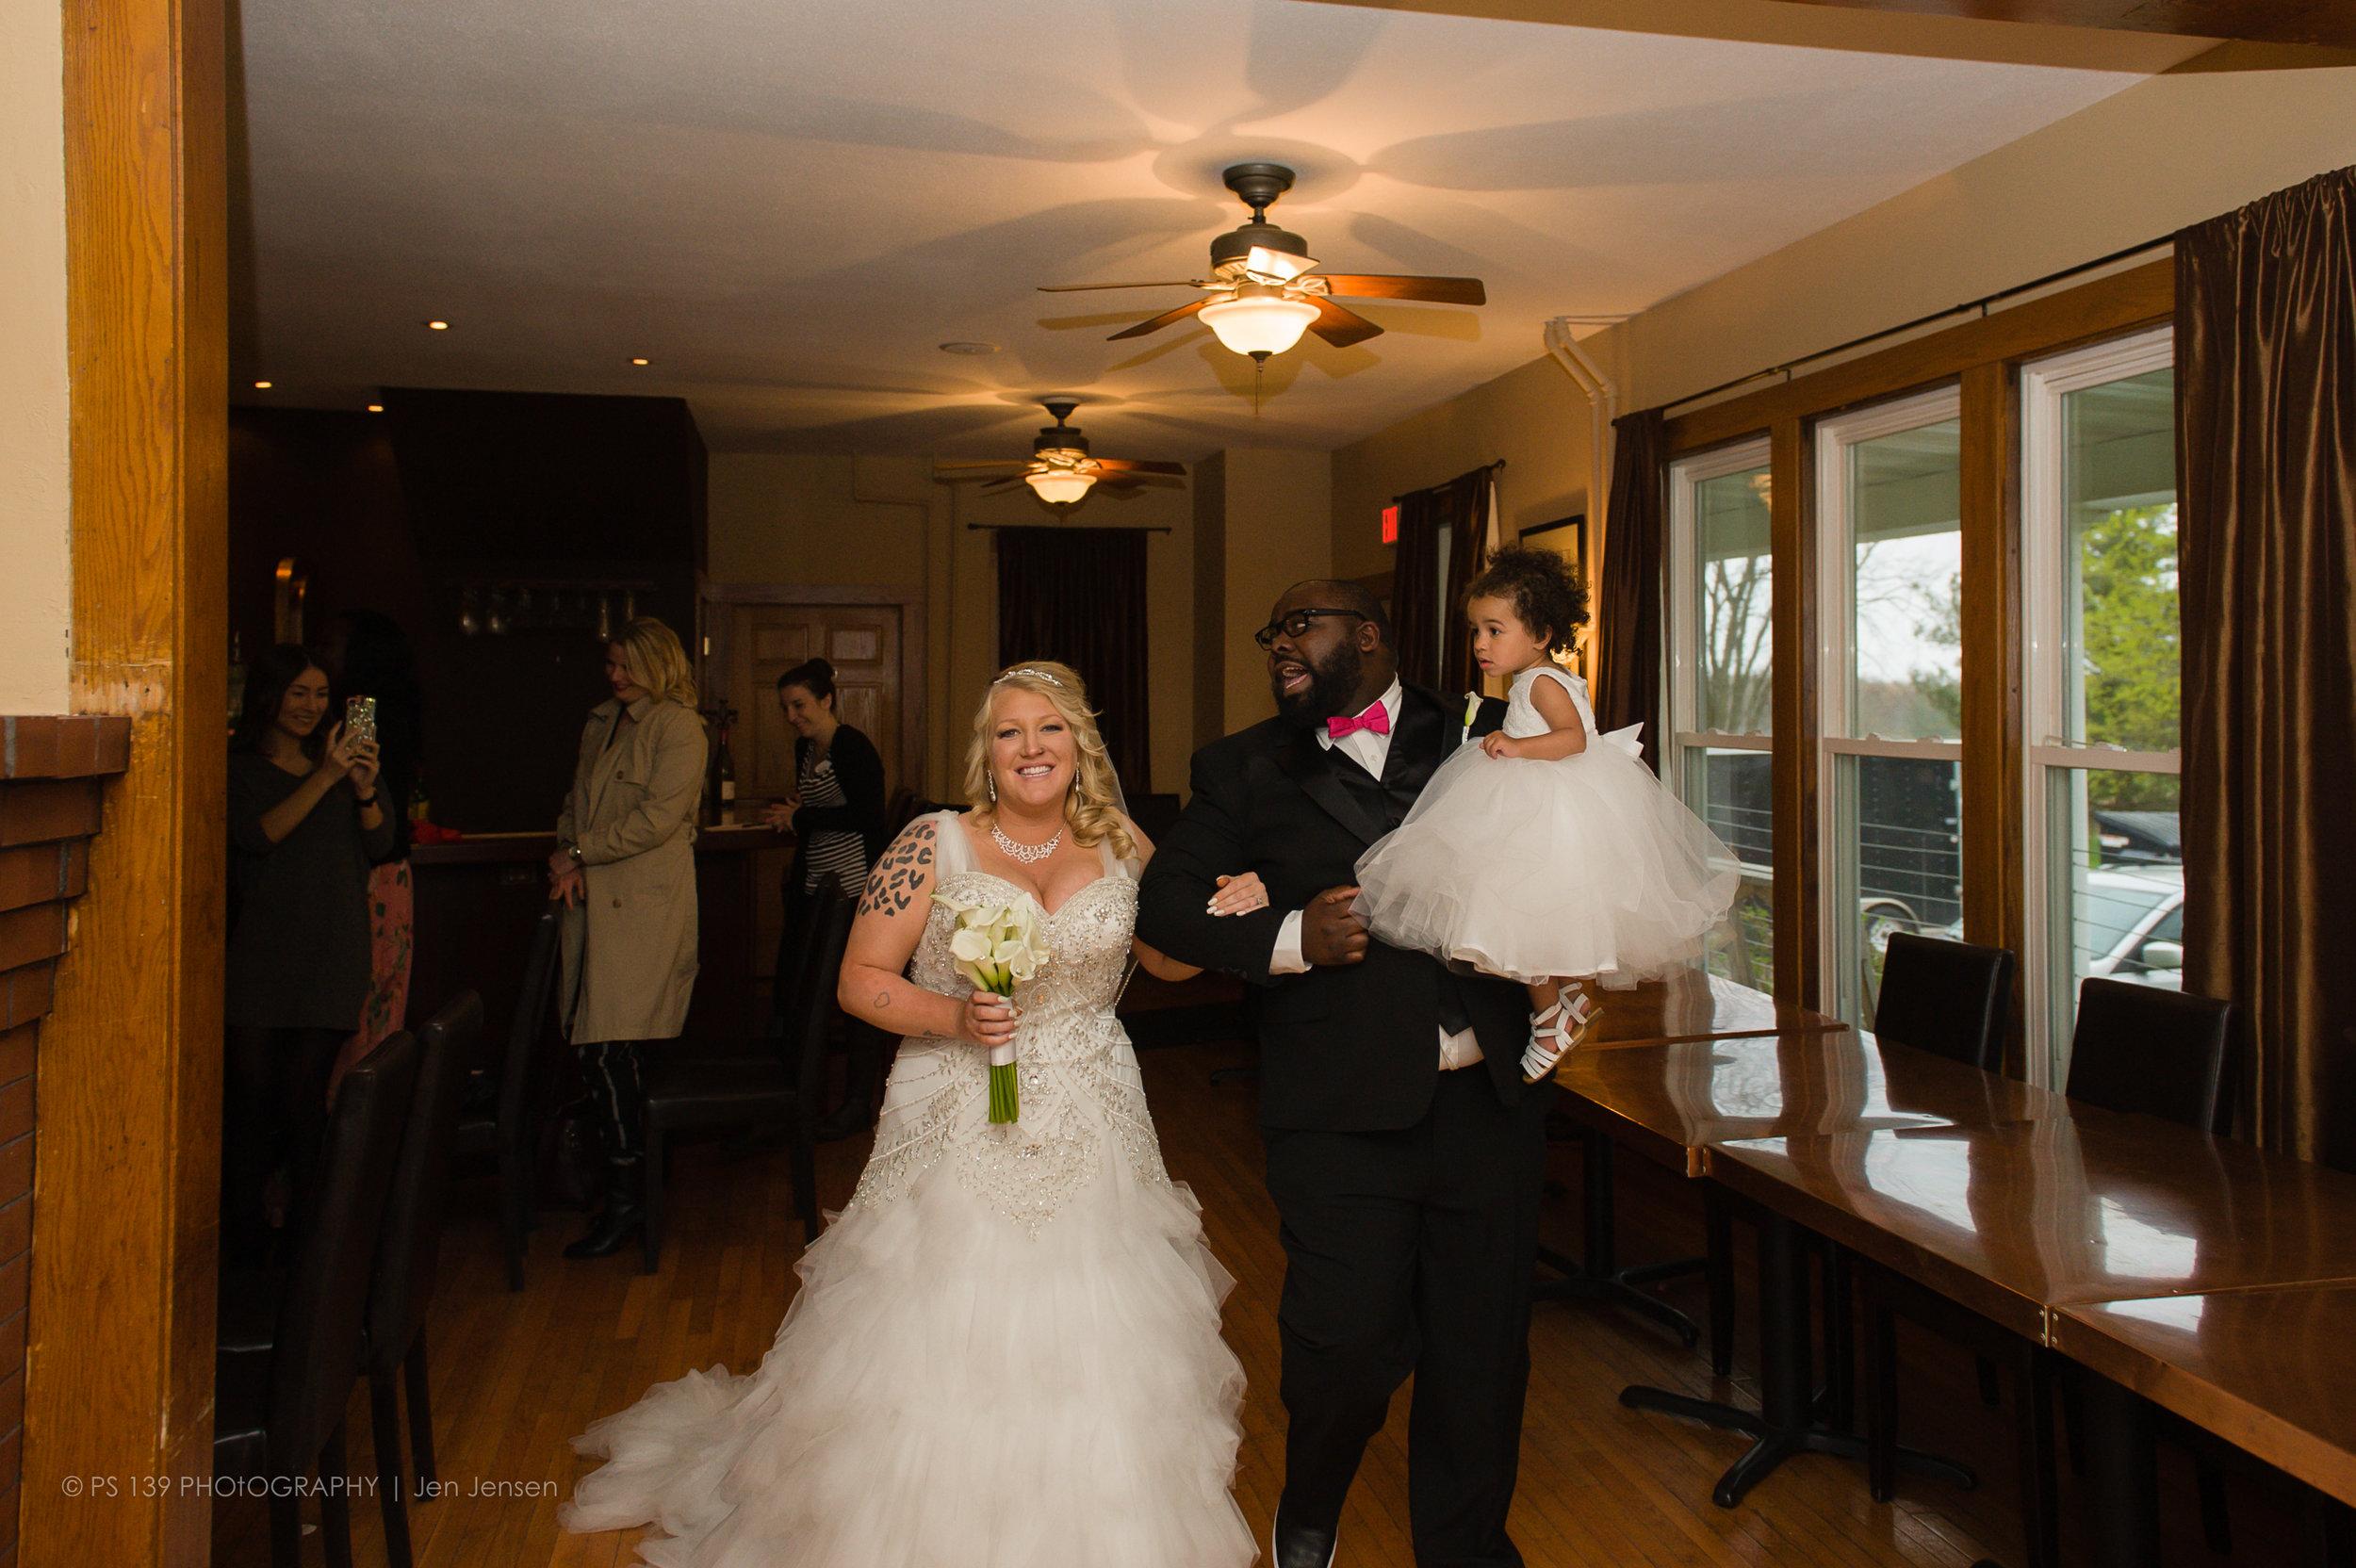 9-1131 - lacey leroy bayfield washburn wi wedding elopement.jpg